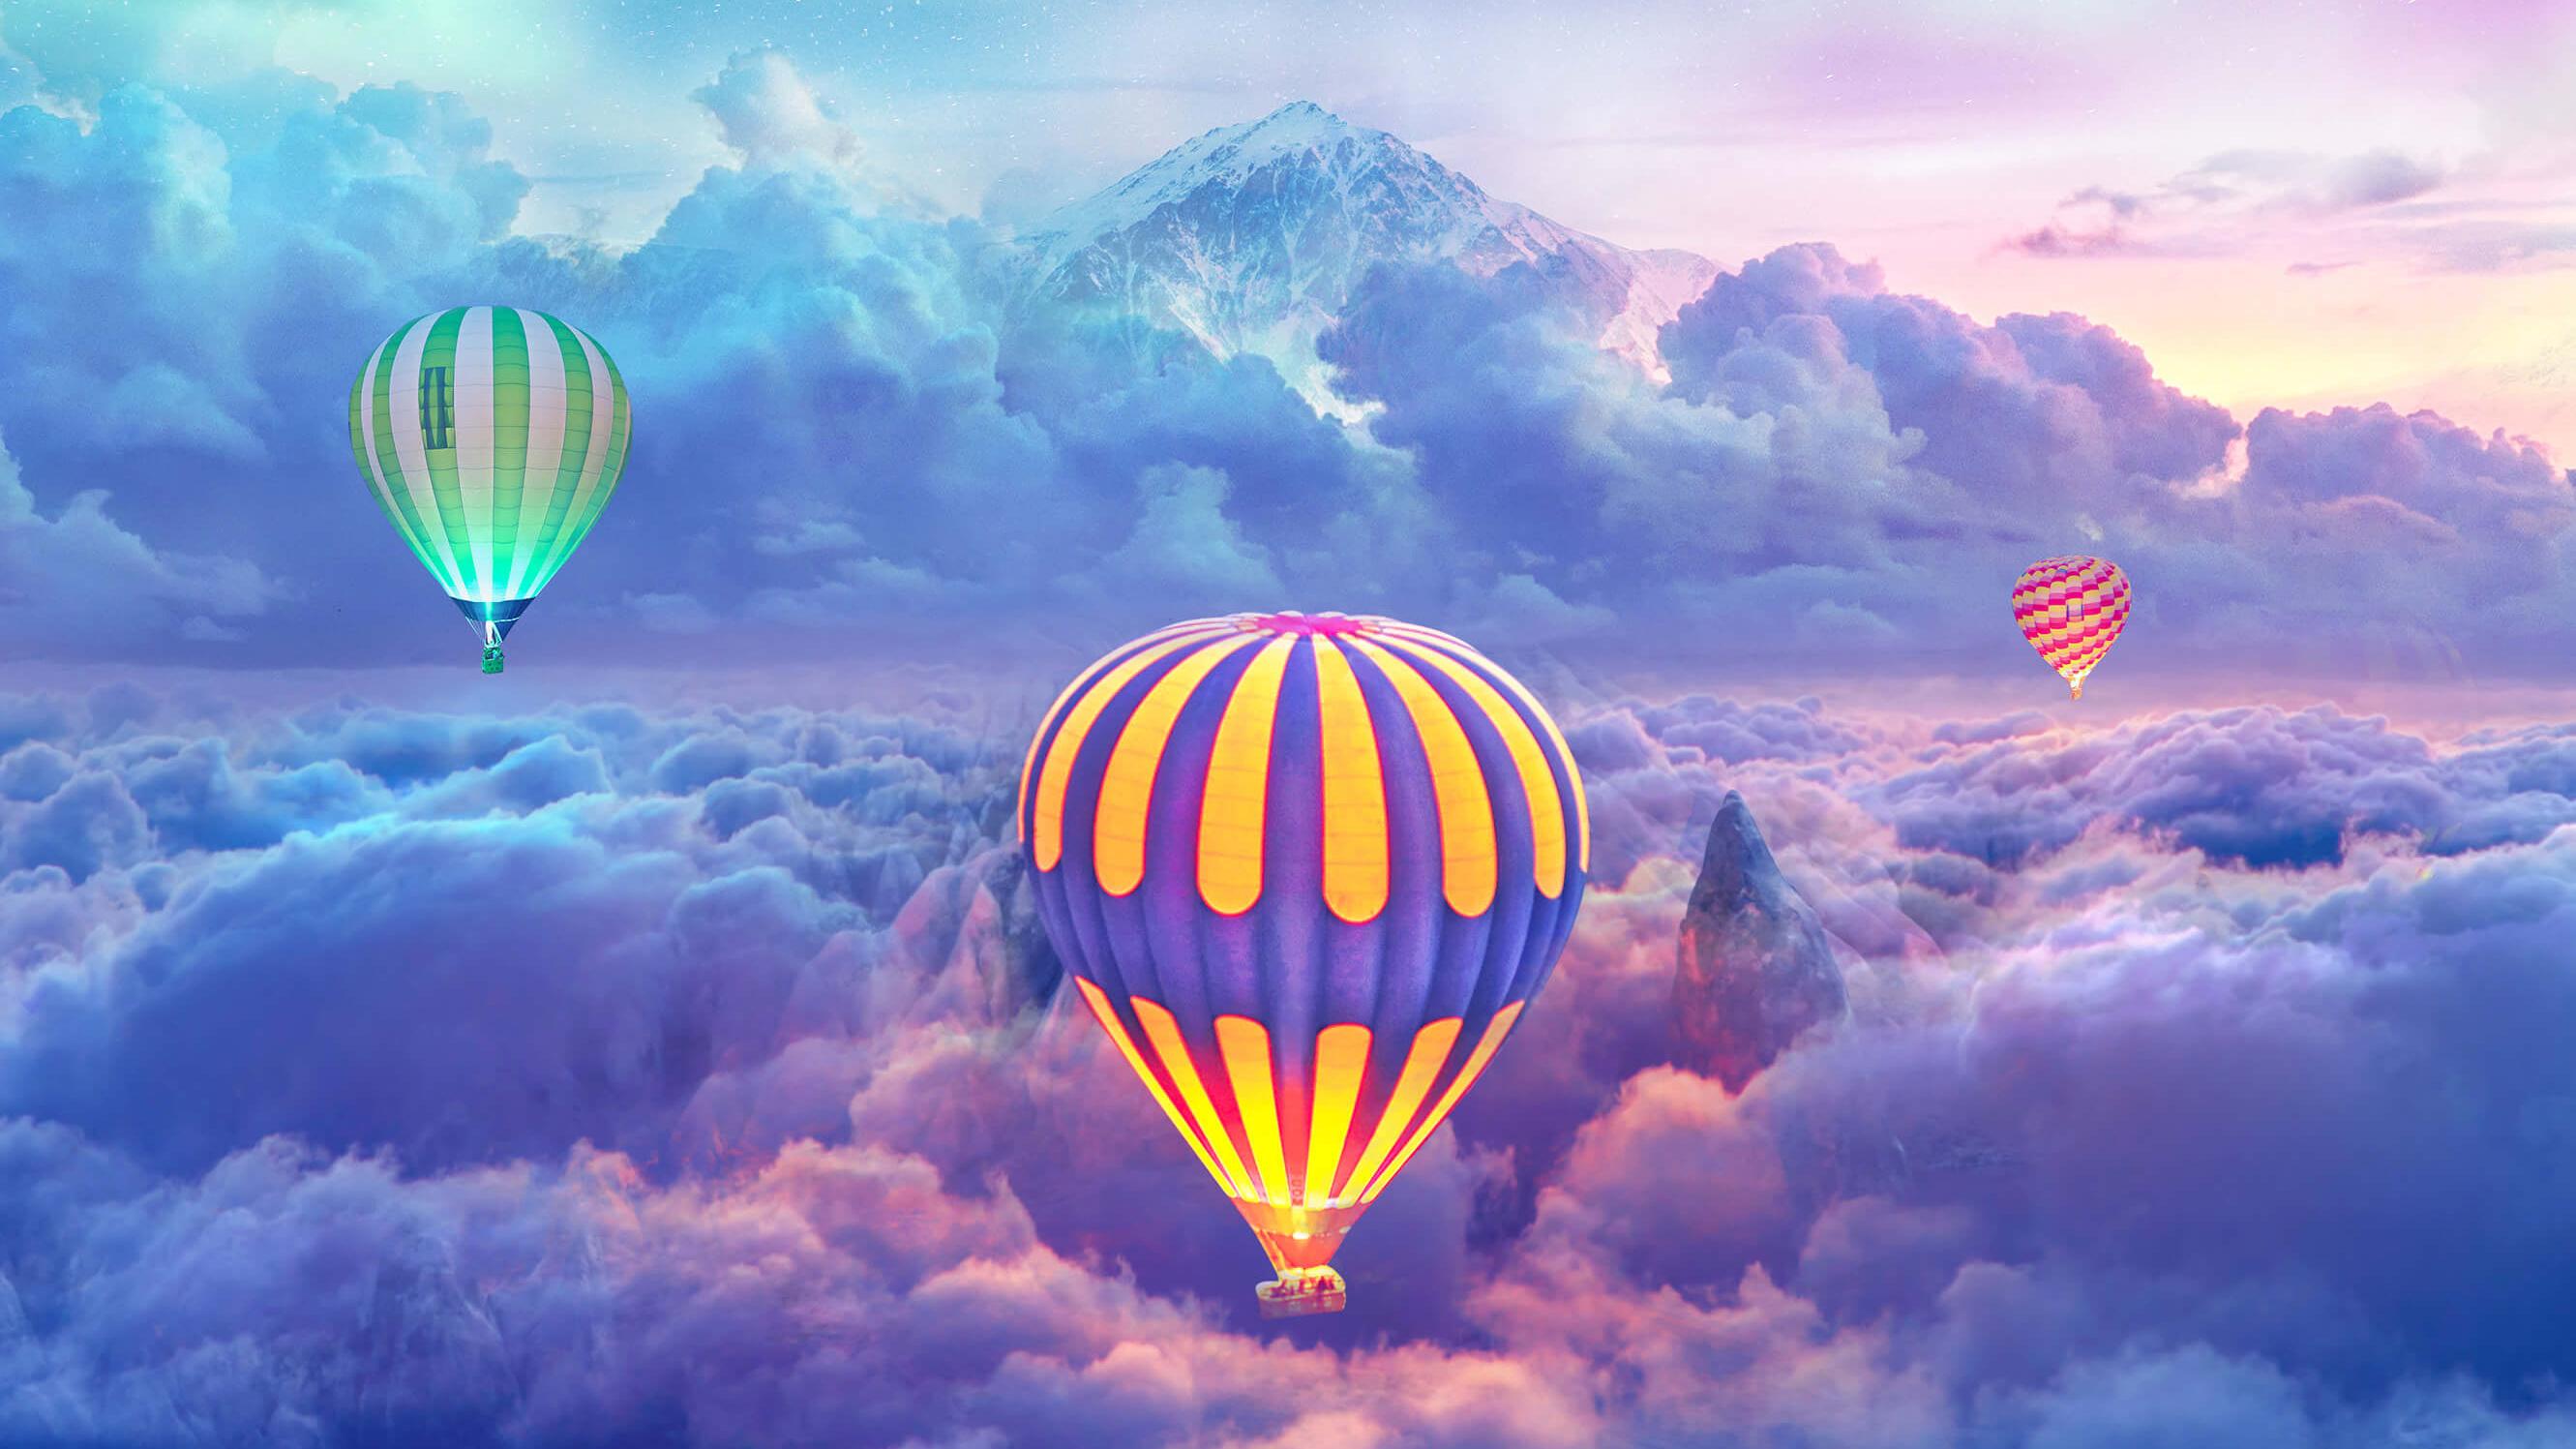 Hình ảnh khinh khí cầu trên những tầng mây cực đẹp